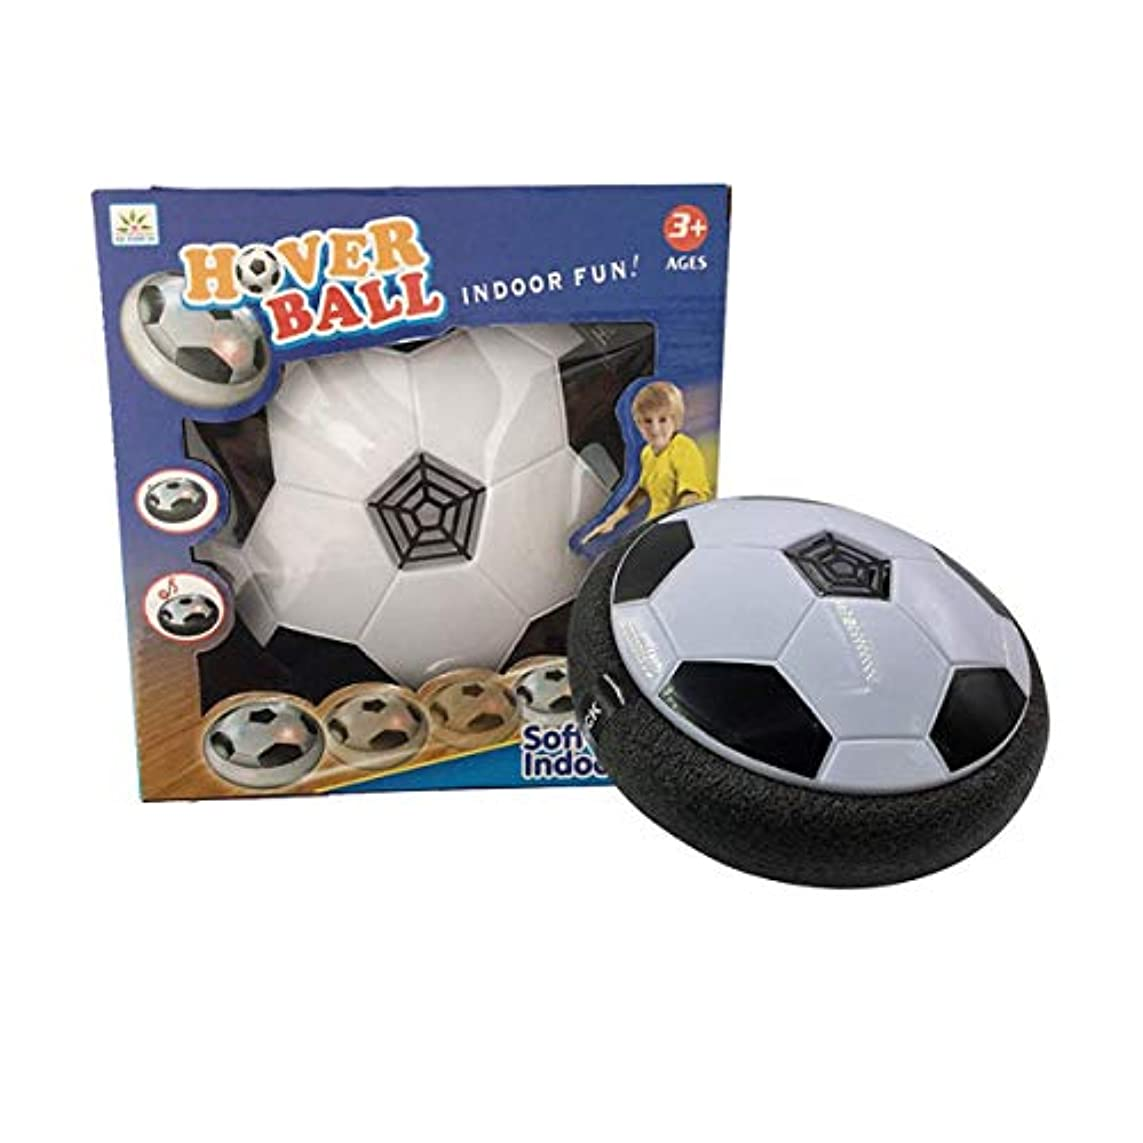 解決する人口ビートエアサッカーインドアパワーサッカーサッカーledライトフロートとスリップスポーツ屋内屋外デュアルナイト親子ゲーム玩具子供誕生日プレゼント